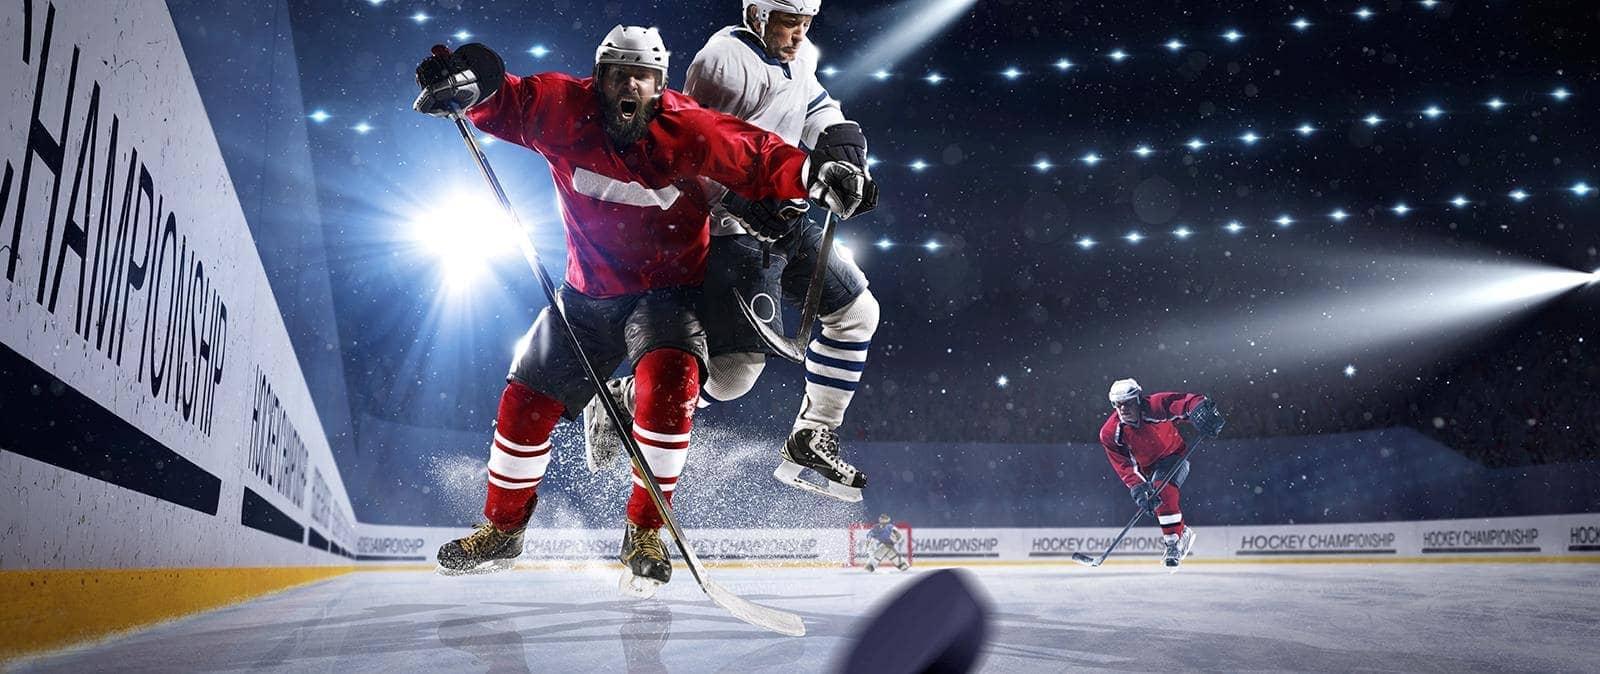 Странные ставки на спорт